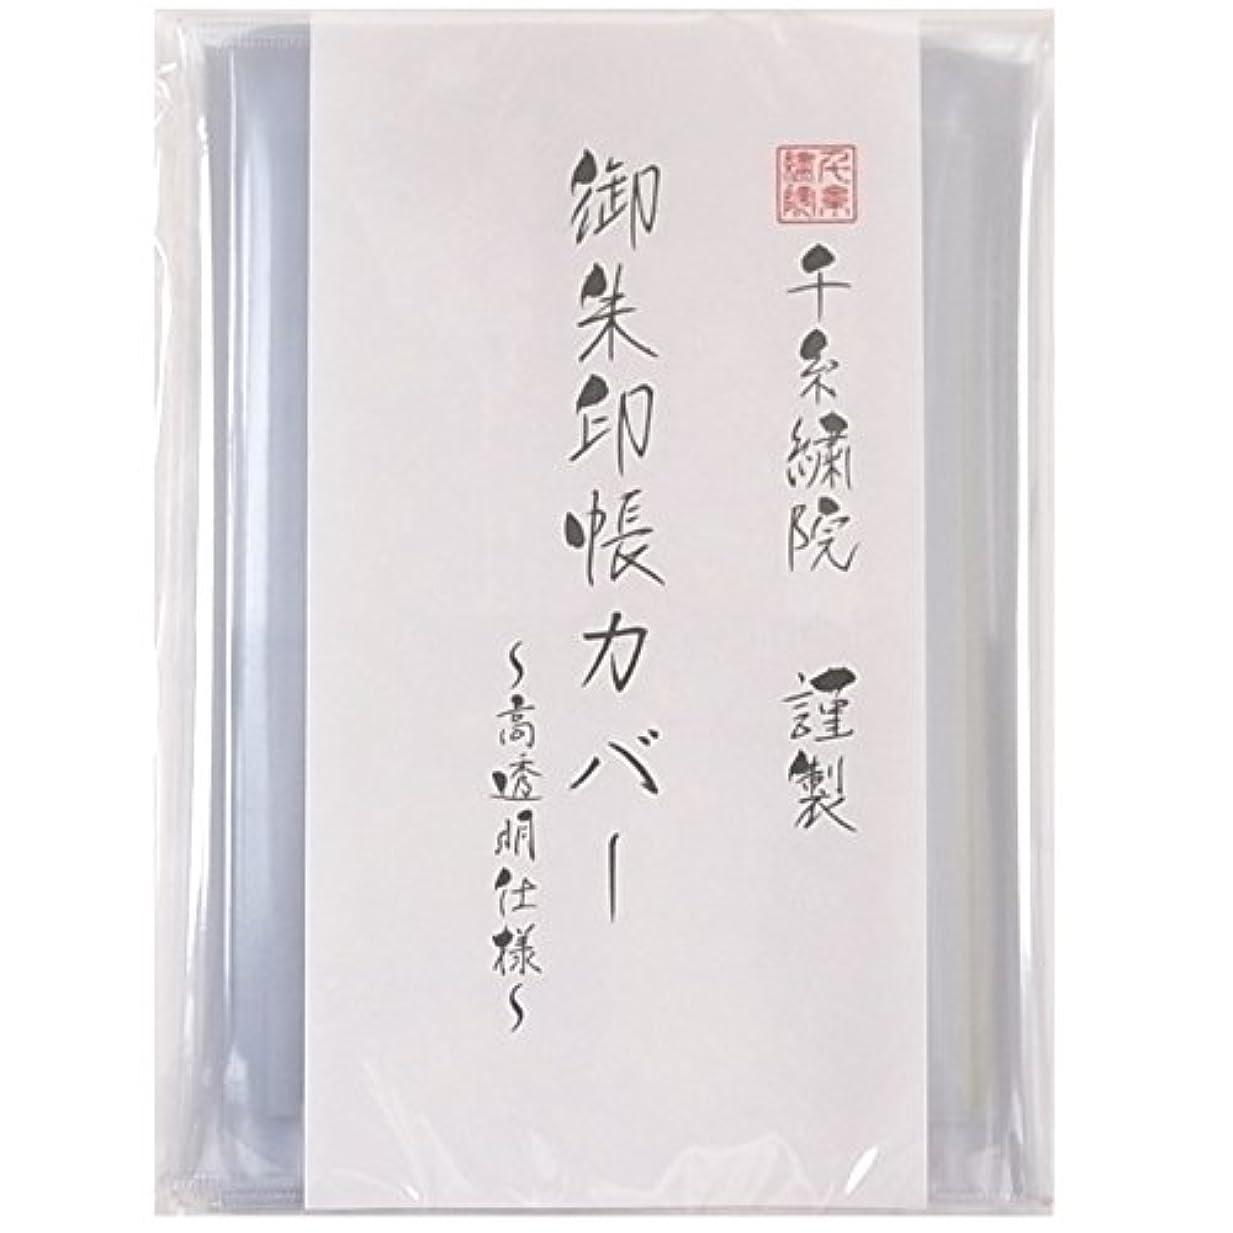 昇進解説美徳千糸繍院 中判用 御朱印帳カバー(11×16cm) 高透明タイプ 2枚入り